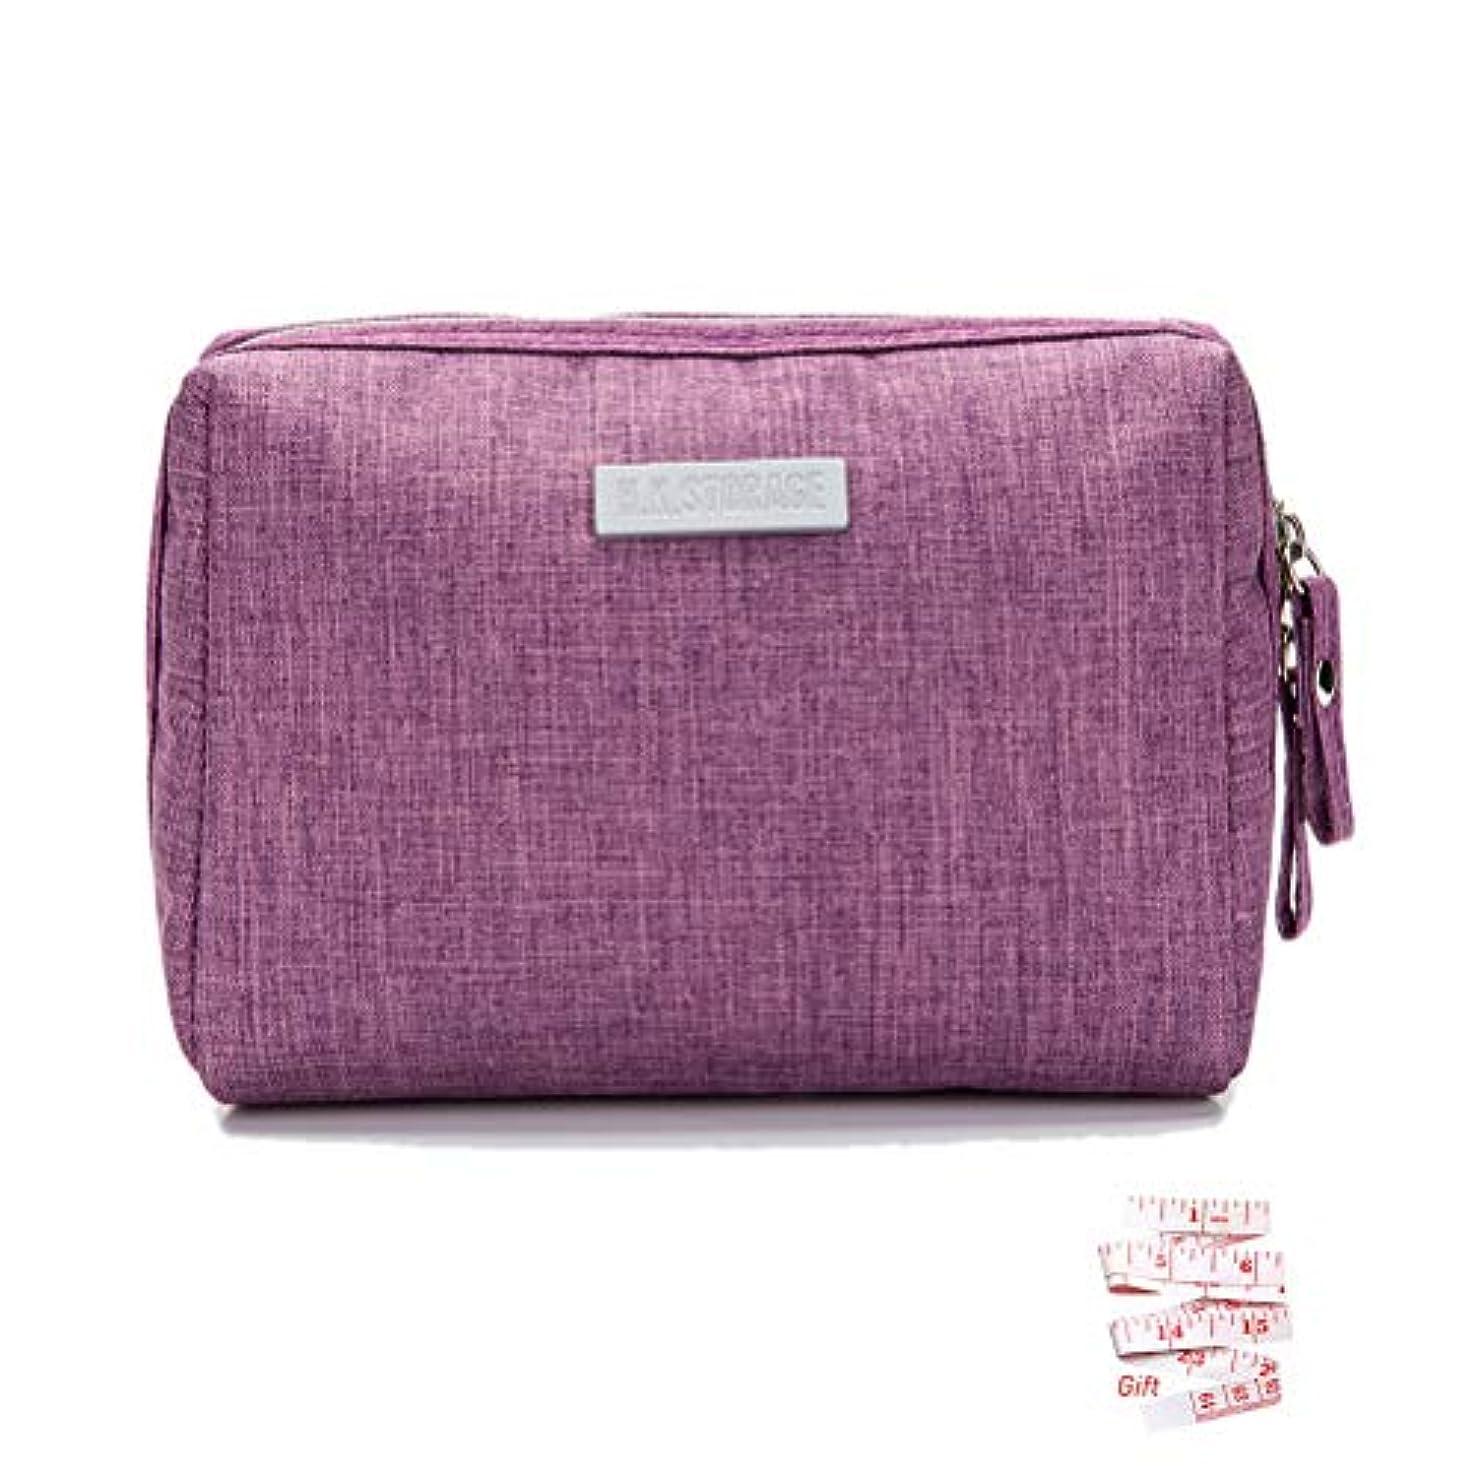 放射性ナチュラルカブKaitein 化粧ポーチ 大容量 超軽量 防水 化粧品収納ポーチ 旅行 出張 普段使い 化粧バッグ 紫